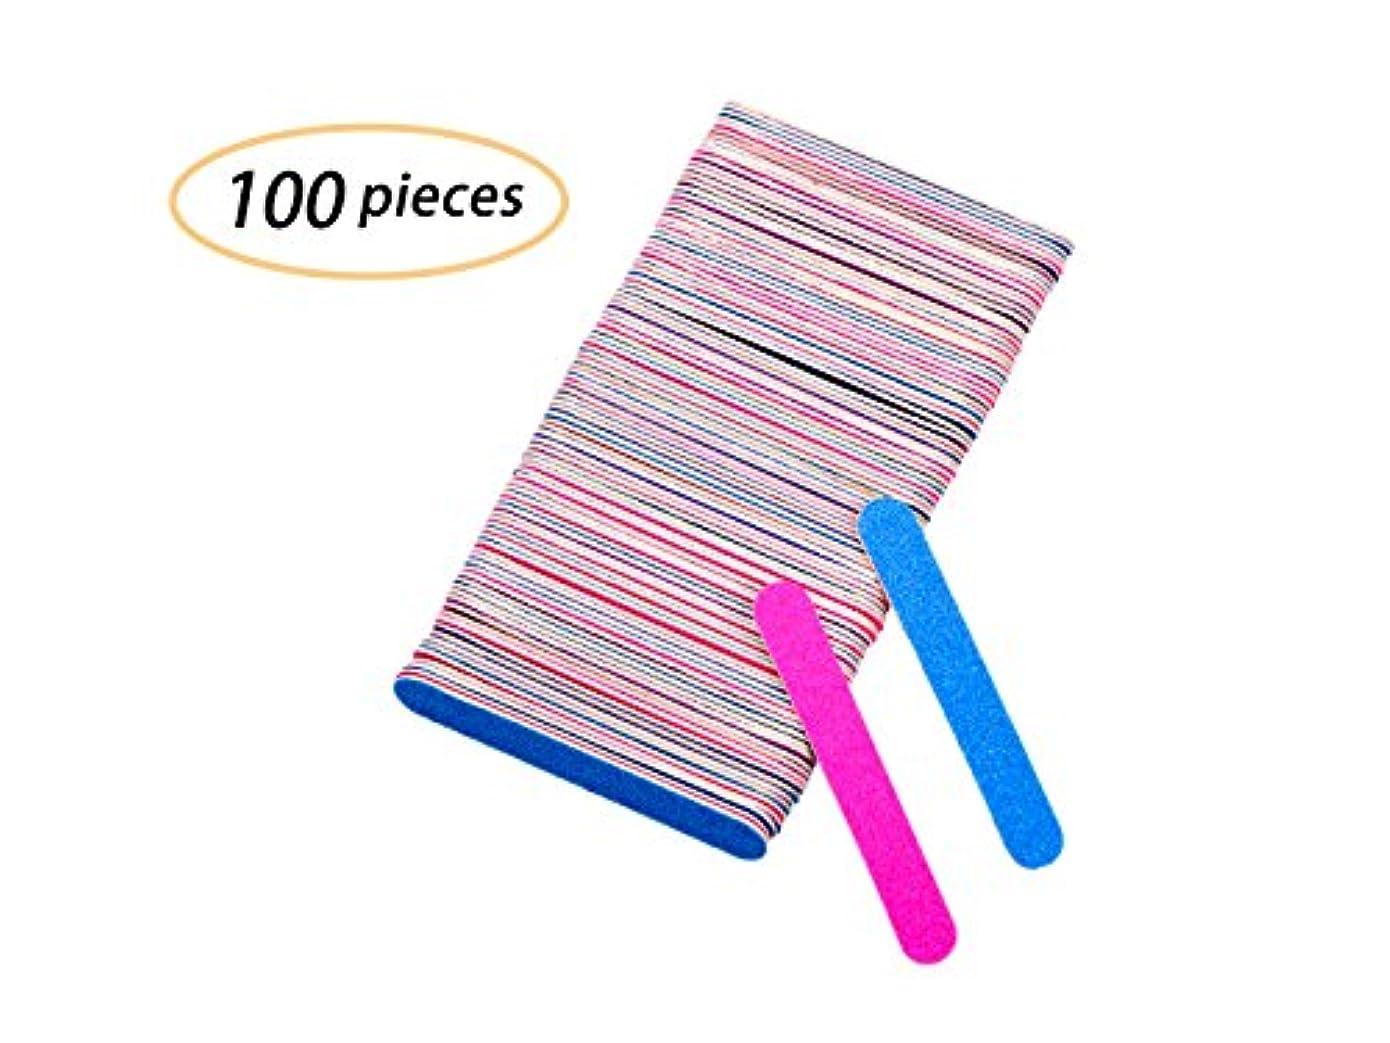 手配する先例ロンドンYolito 100pcs ネイルファイル エメリーボード 爪やすり使い捨て 爪磨き両面 ジェルネイル/自爪(180、240グリット)